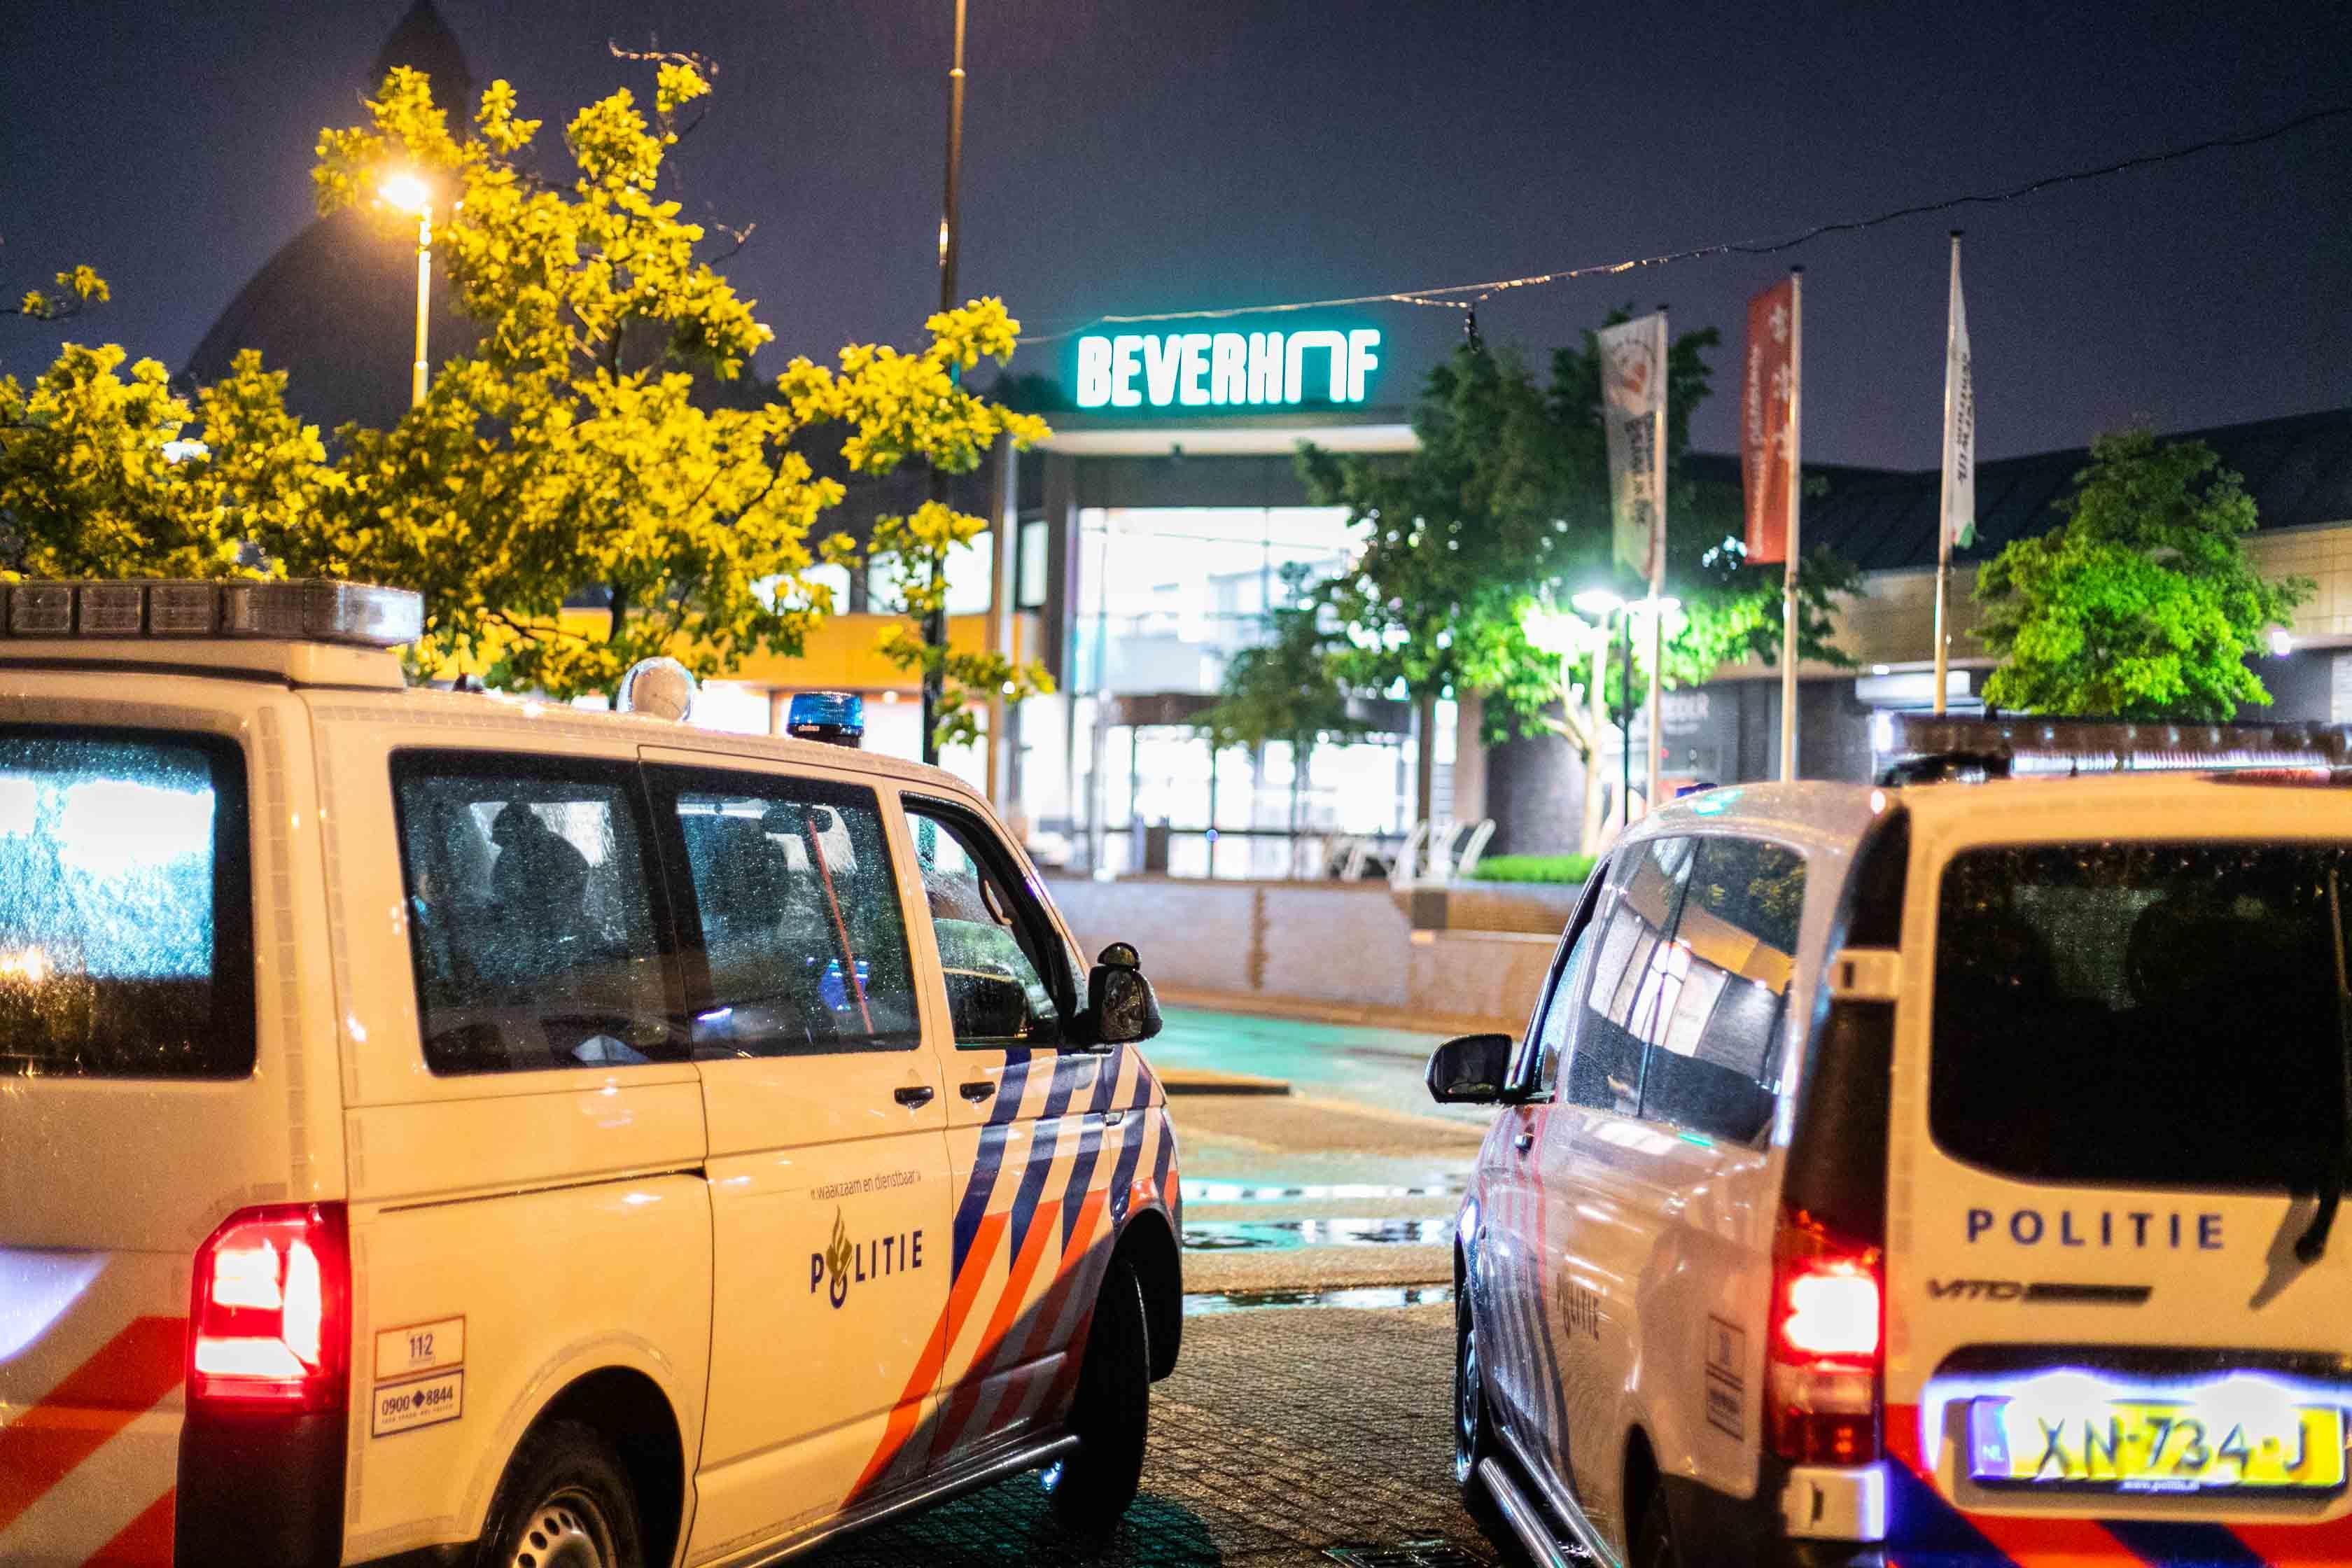 Inbraak in winkelcentrum De Beverhof in Beverwijk, niemand aangehouden